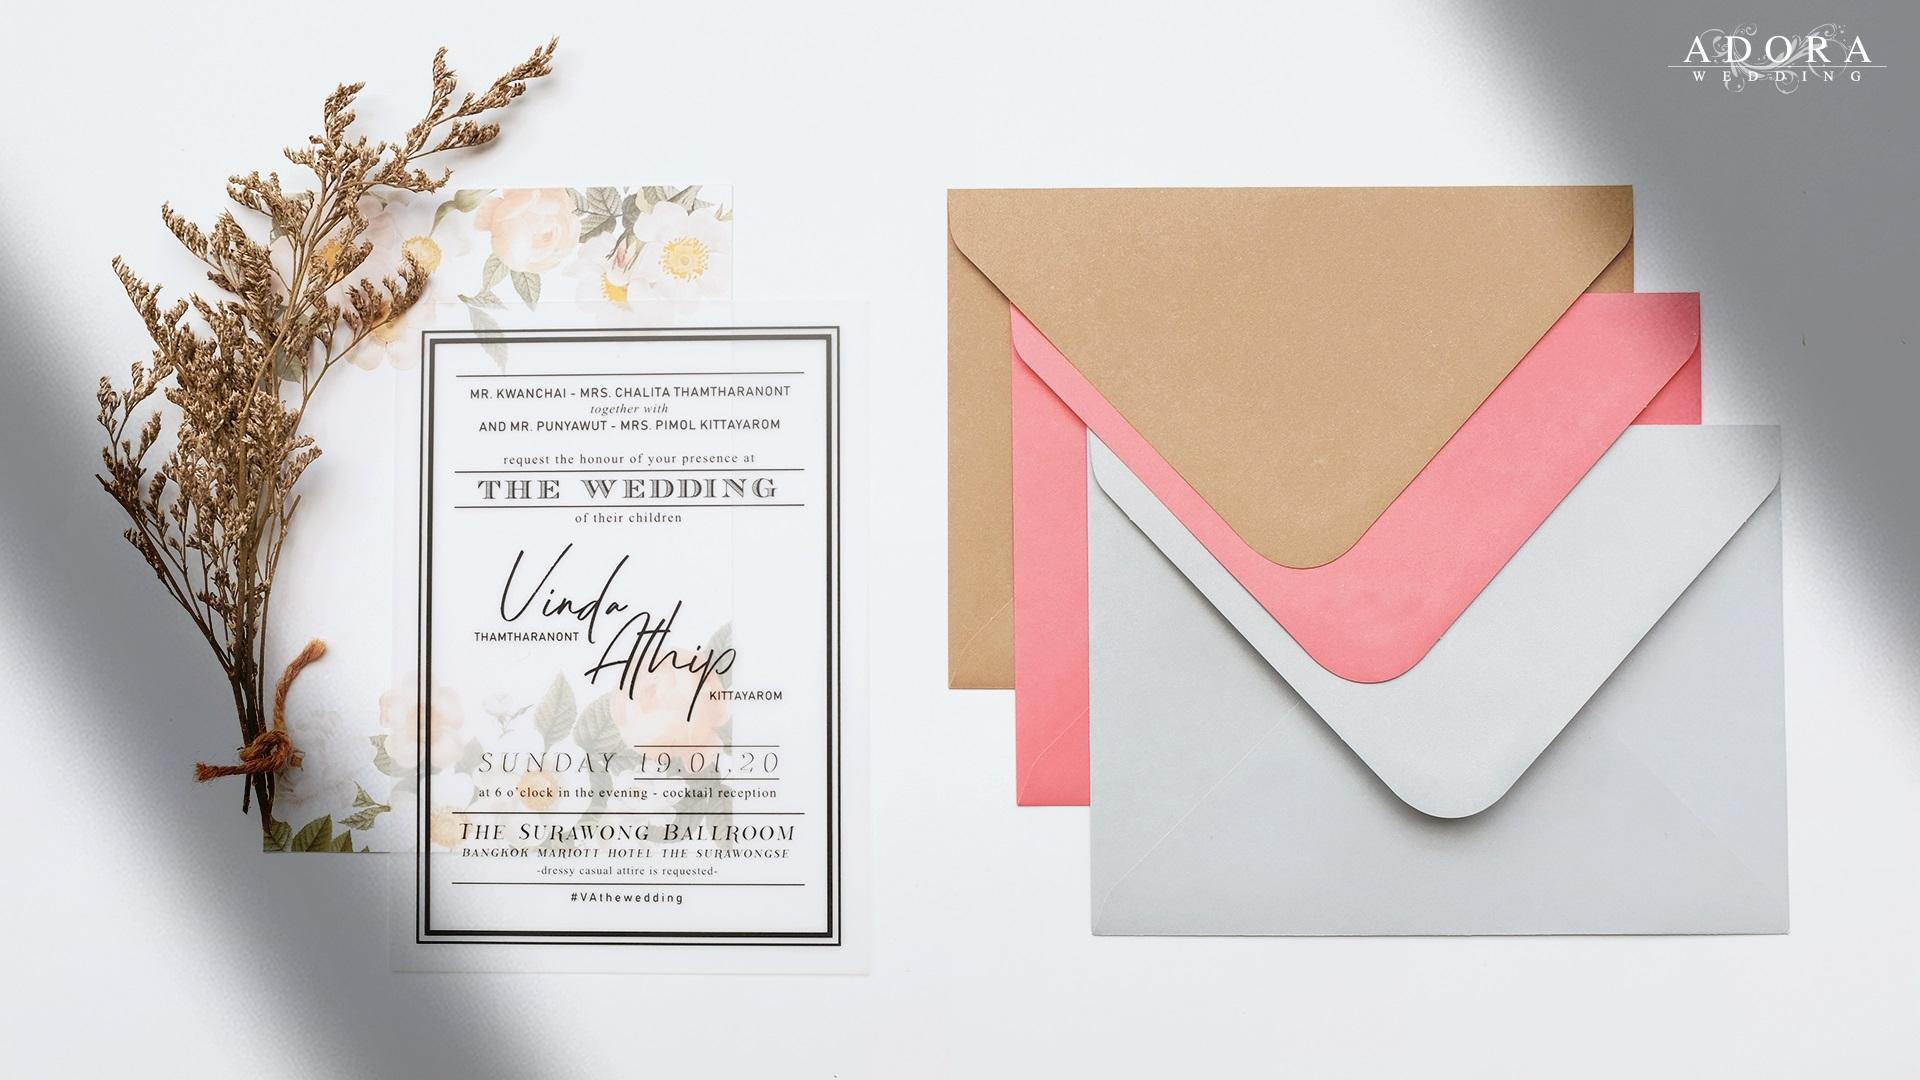 B124LY-wedding-card-5